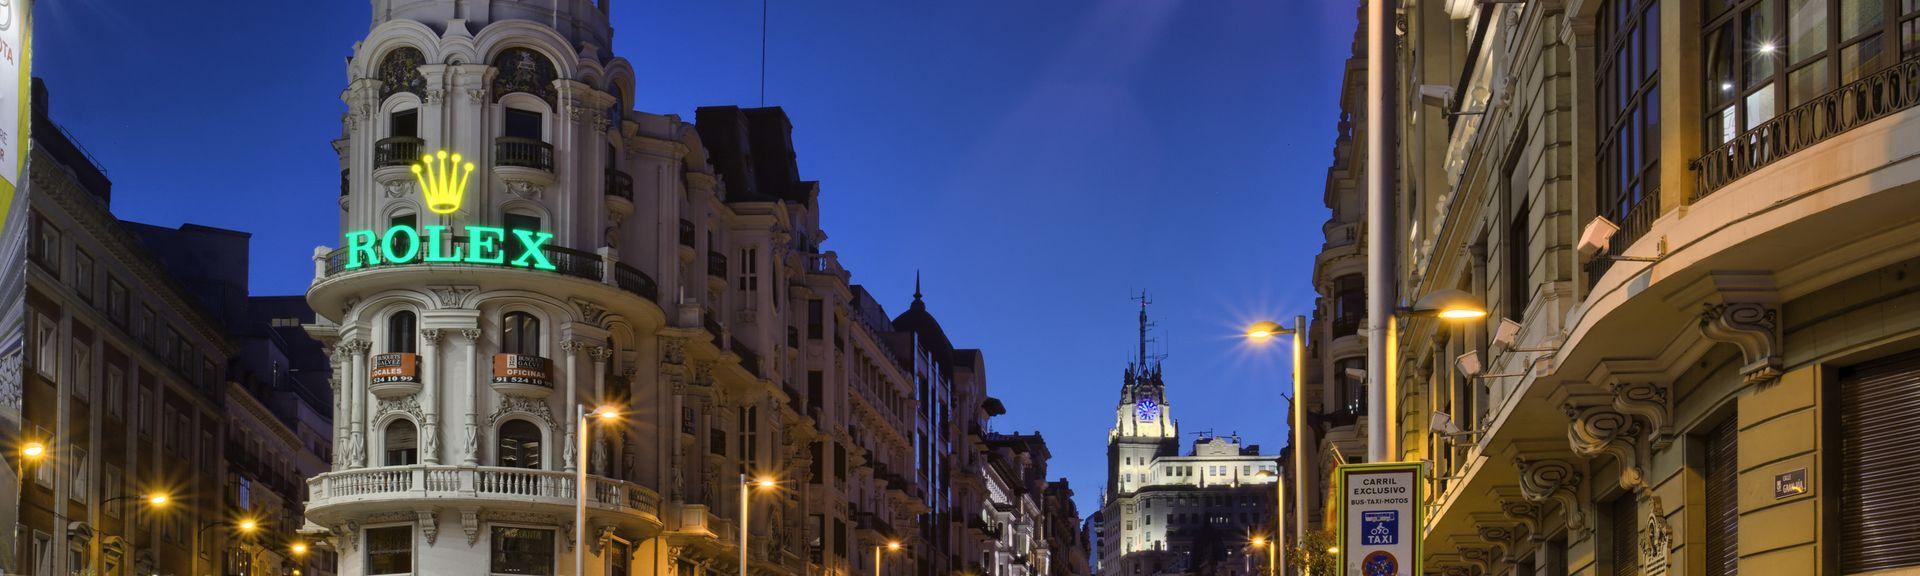 Sol, Madrid, Madrid, Spain